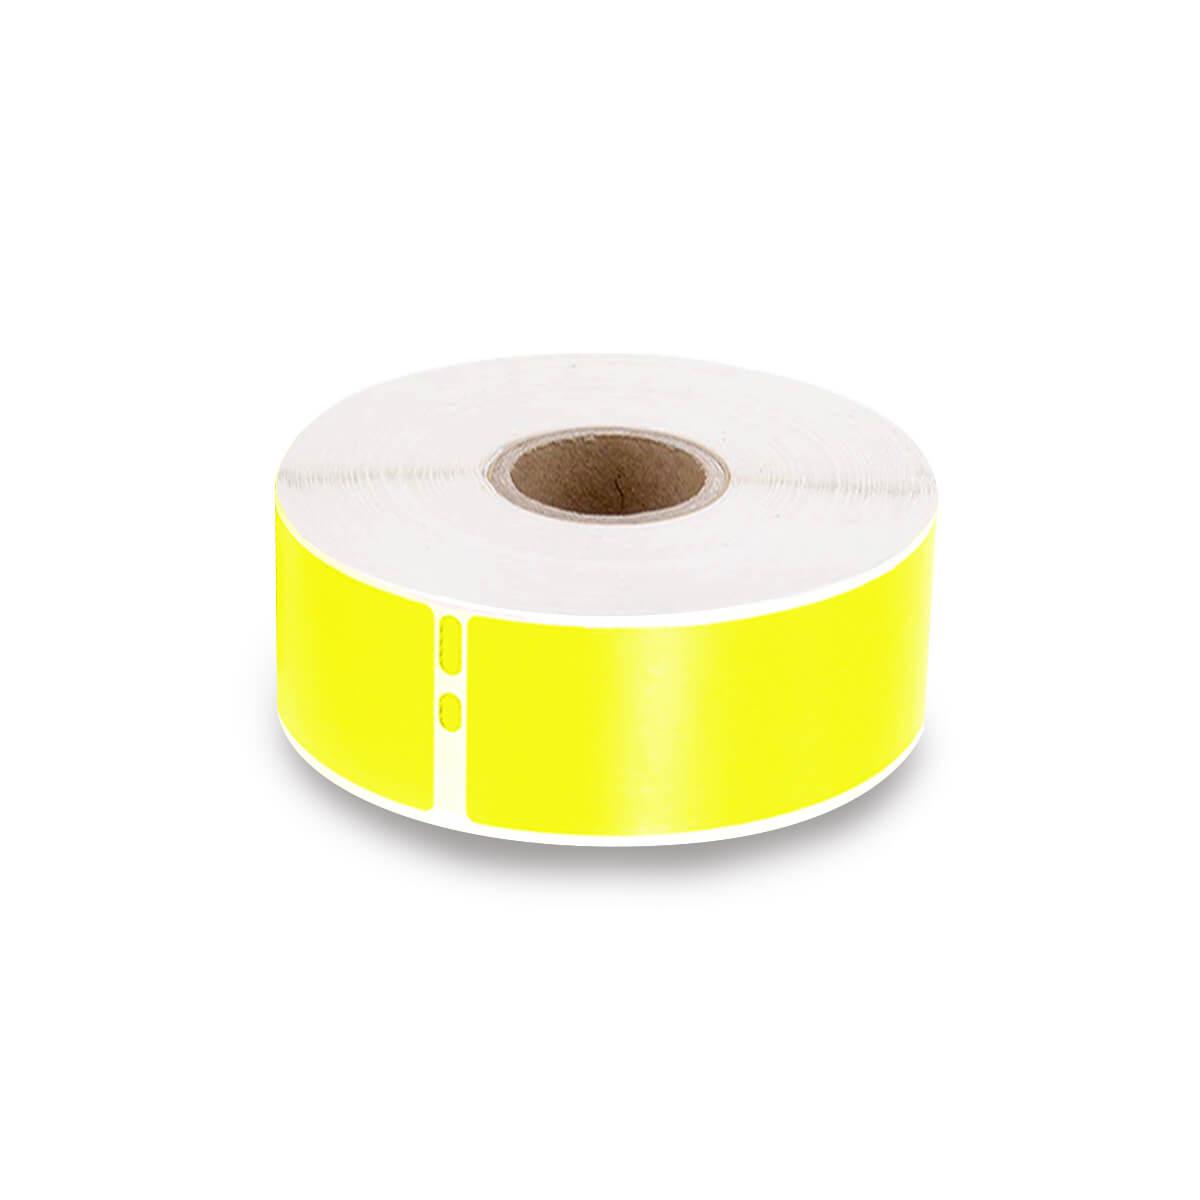 1-18-x-3-12-Yellow